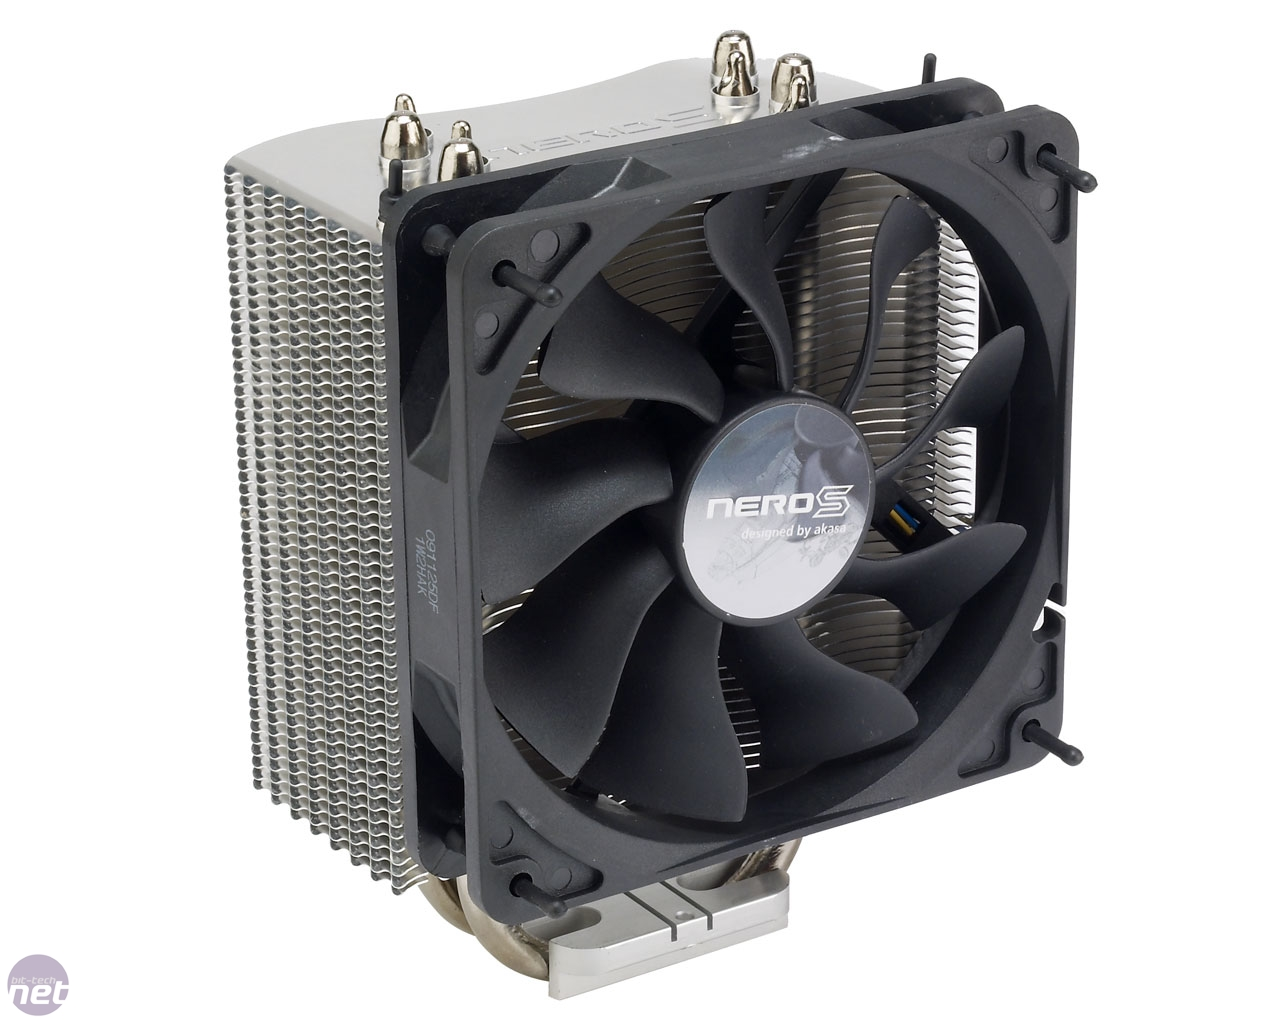 Akasa Nero S Cpu Cooler Review Fan Processor Lga 775 Original